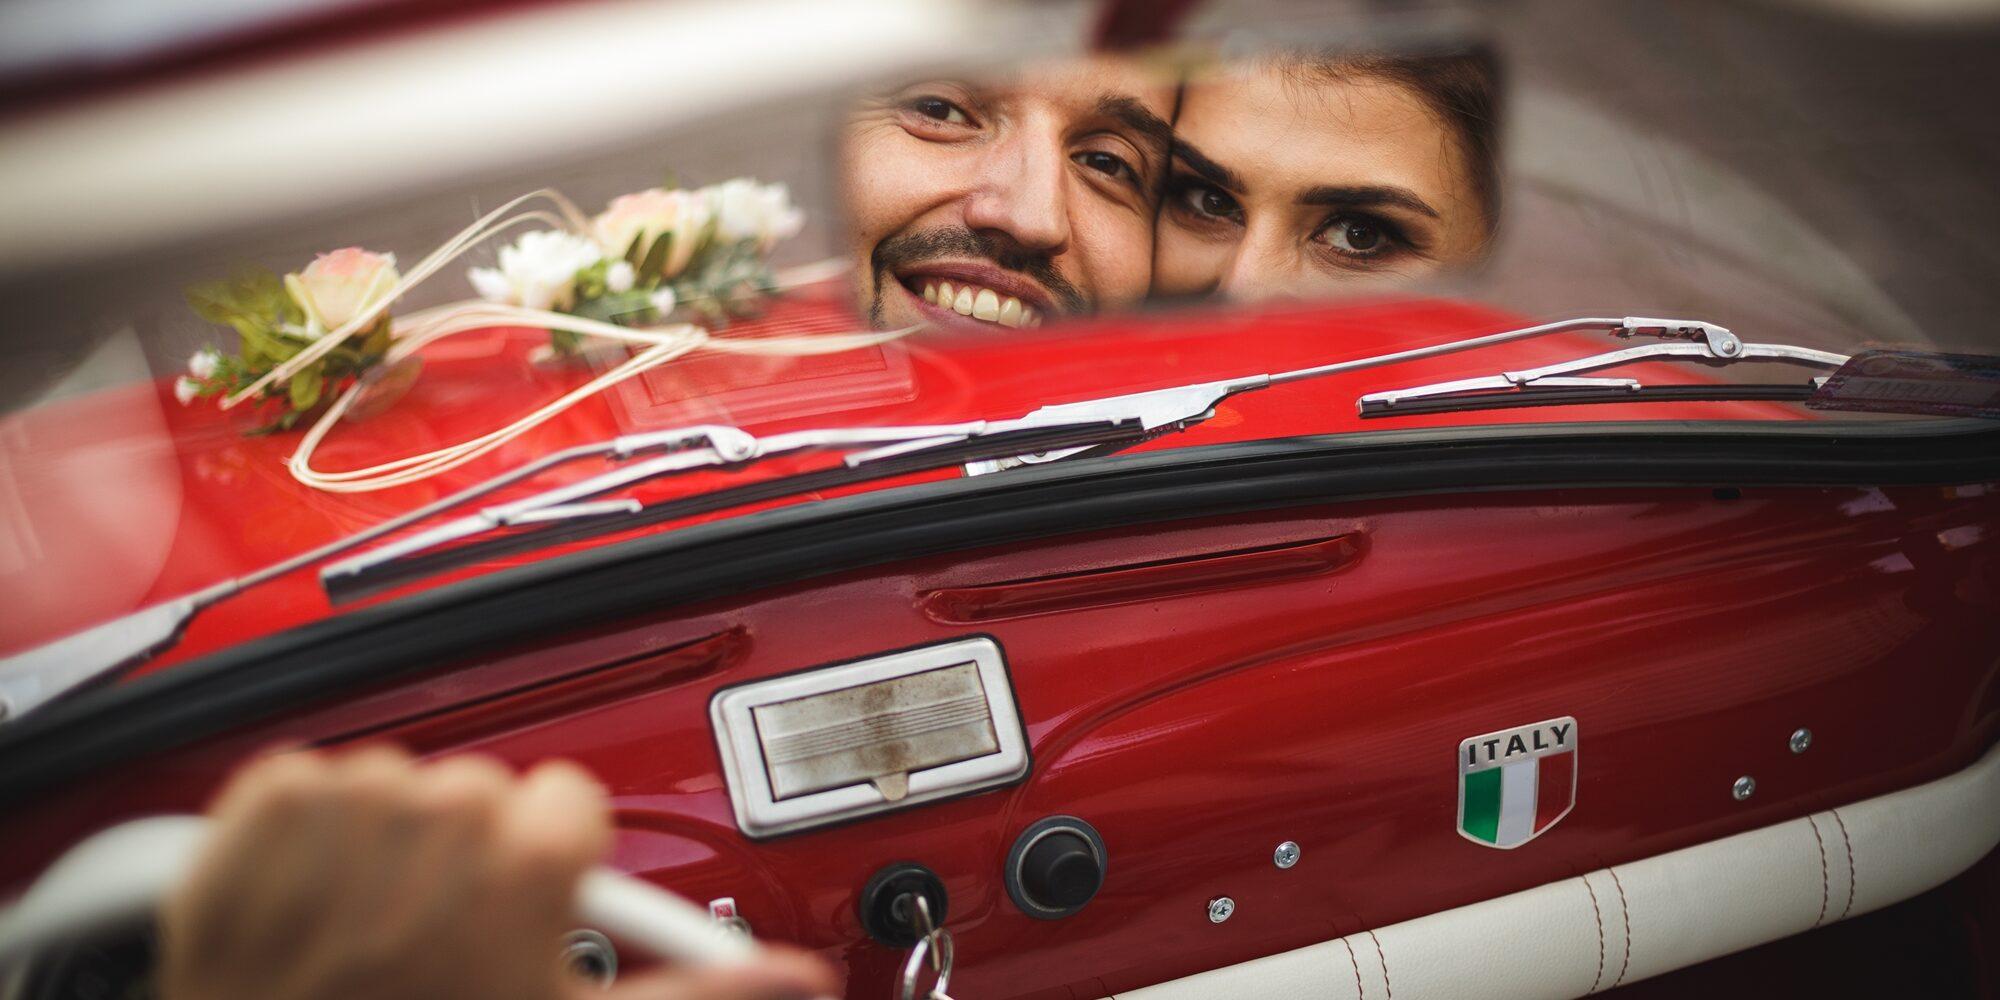 Sesja plenerowa w dniu ślubu, kameralny fotoreportaż ślubny, fotografia ślubna Świętokrzyskie